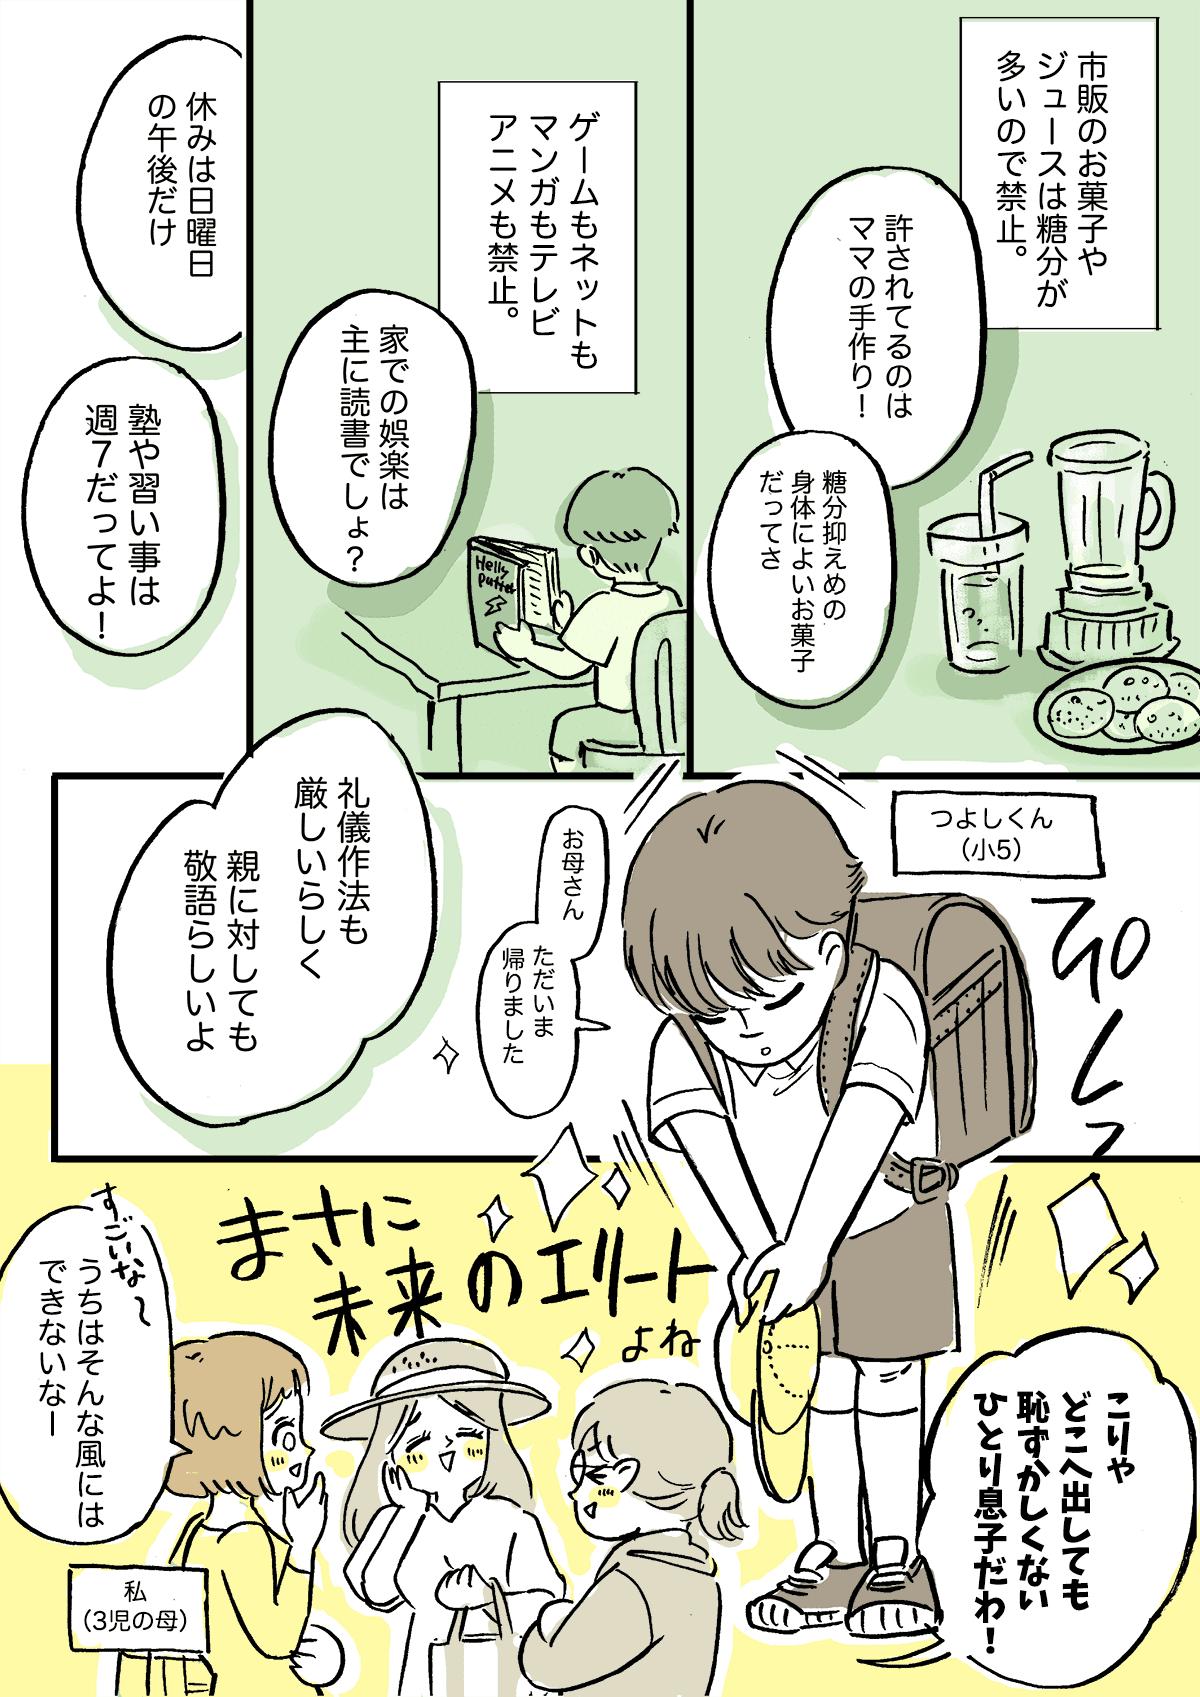 1(前編)野グソにハマってしまった (1)